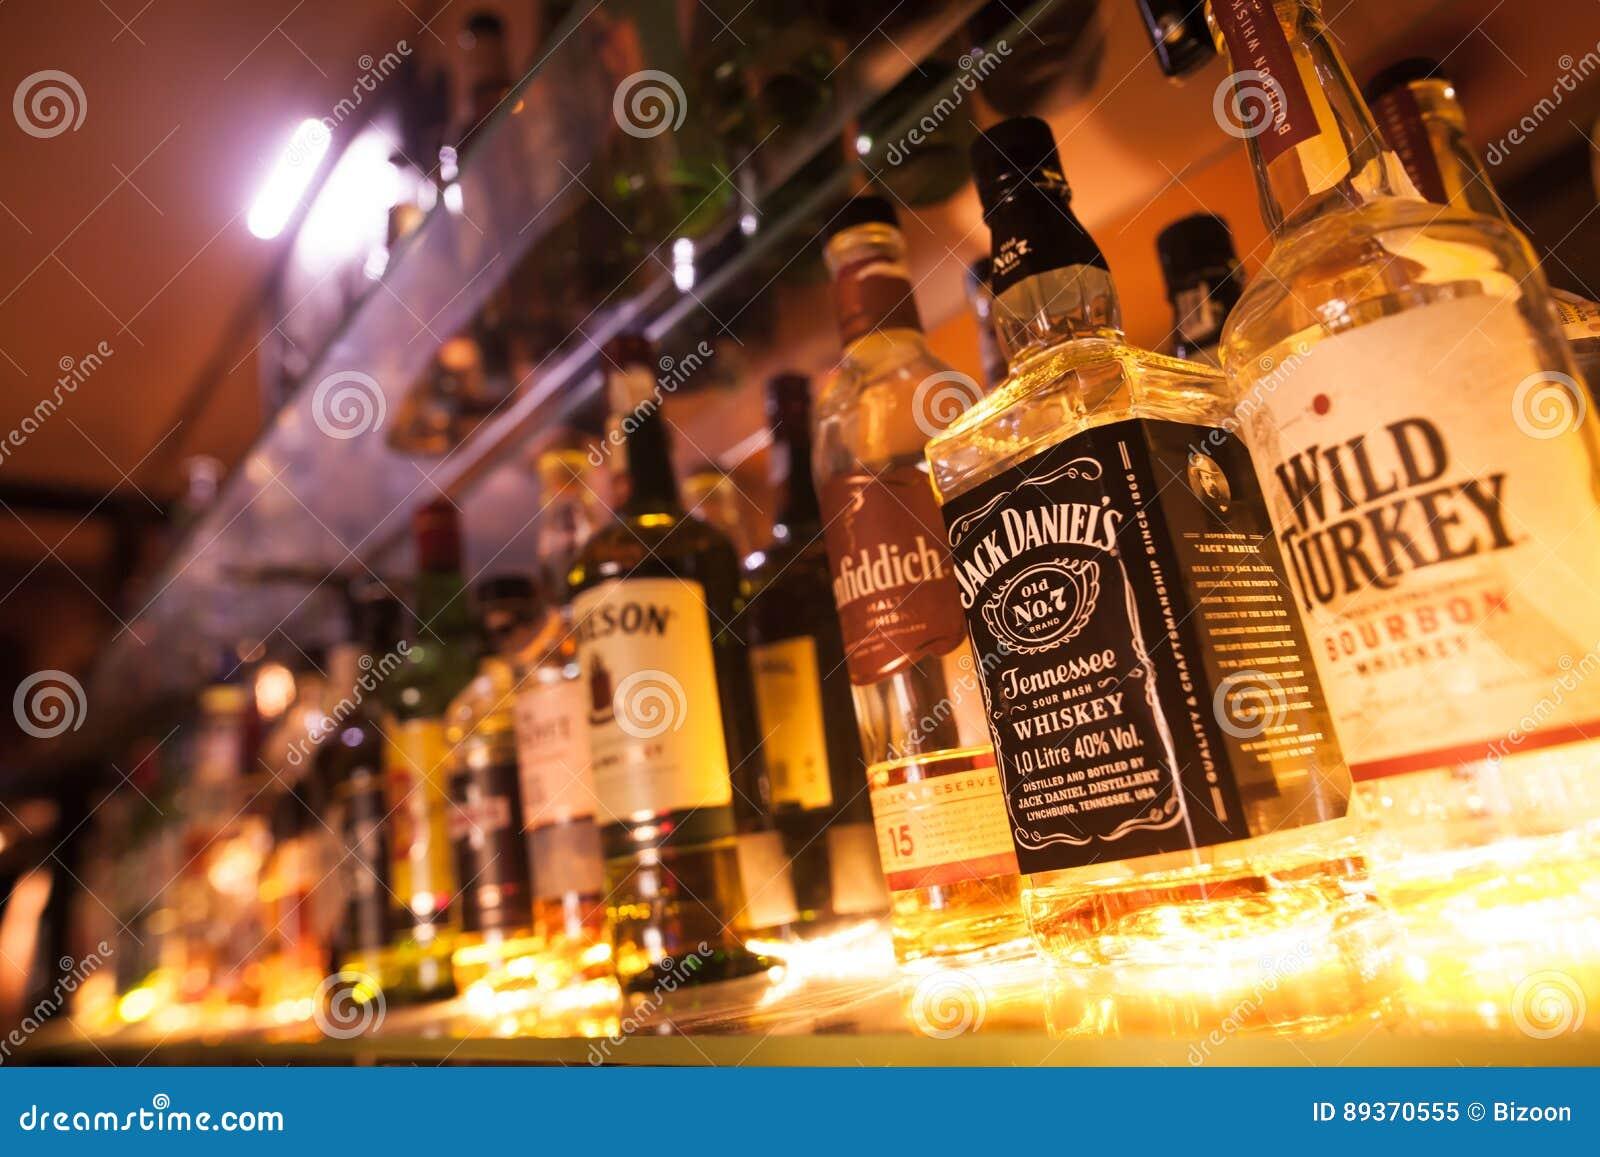 Welche alkoholischen Getränke können in der Ketodiät eingenommen werden?